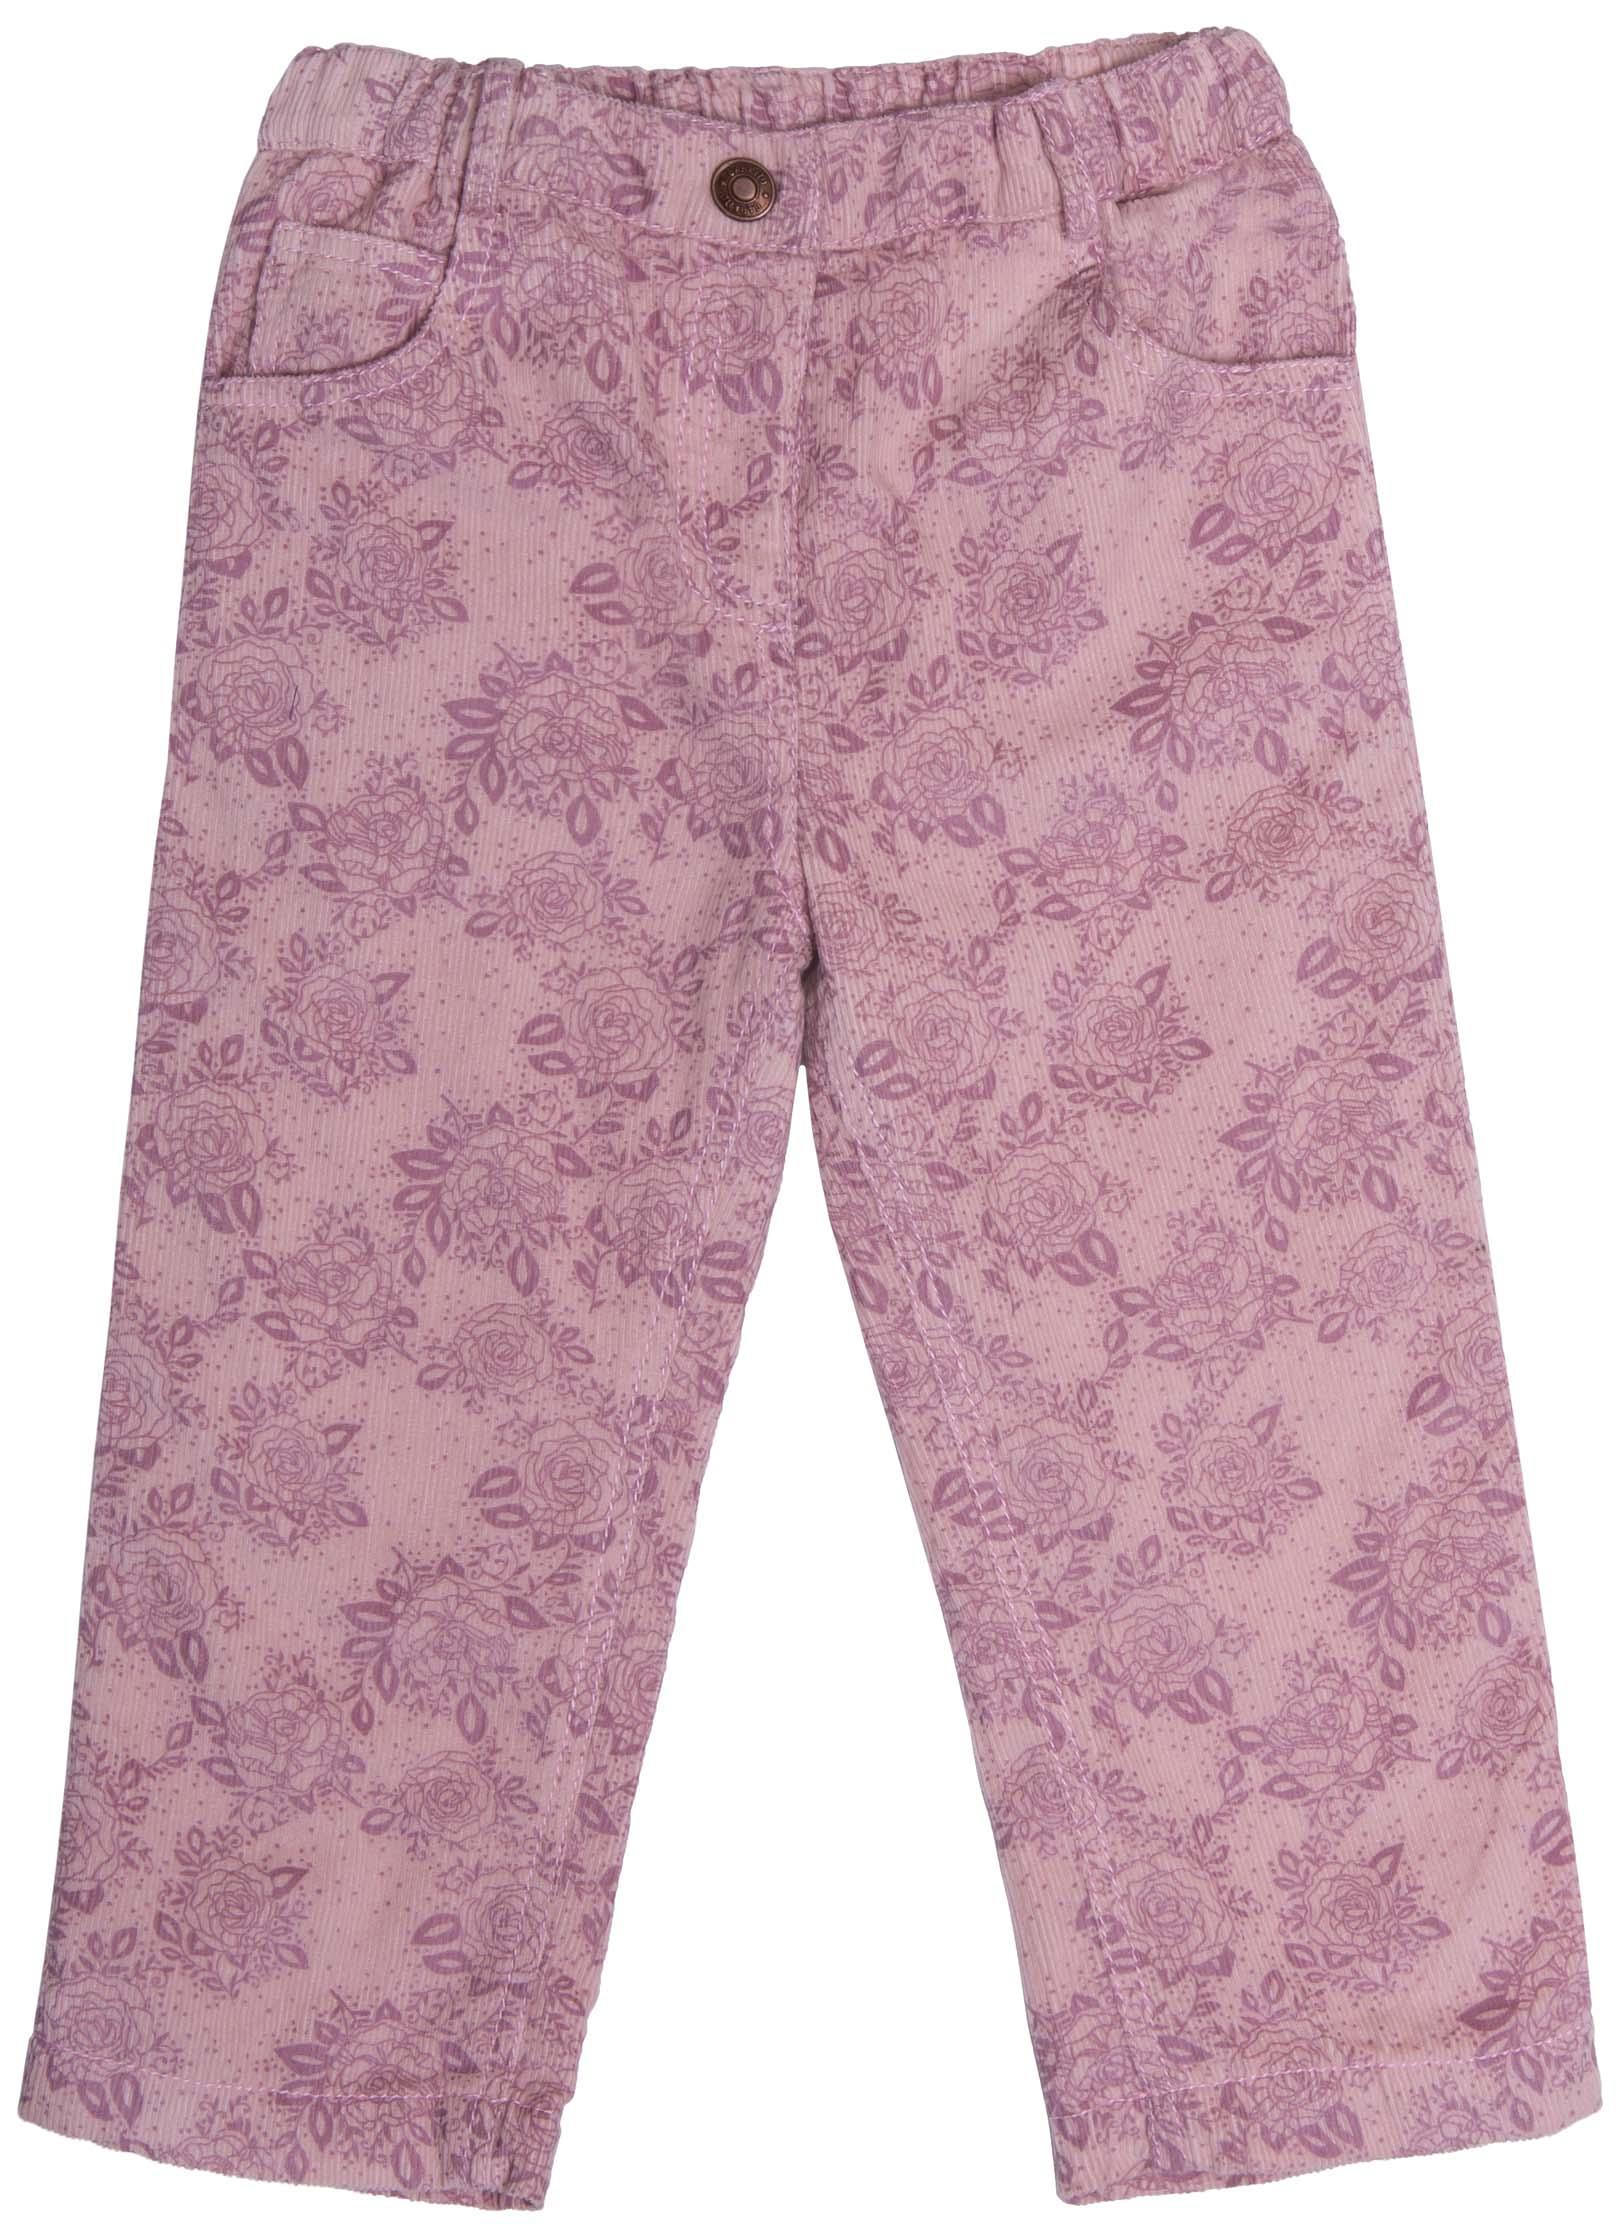 Купить Брюки для девочки, Любимая куколка розовый с рисунком «цветы», 1шт., Barkito 972001 X402 75, Индия, розовый с рисунком цветы , Женский